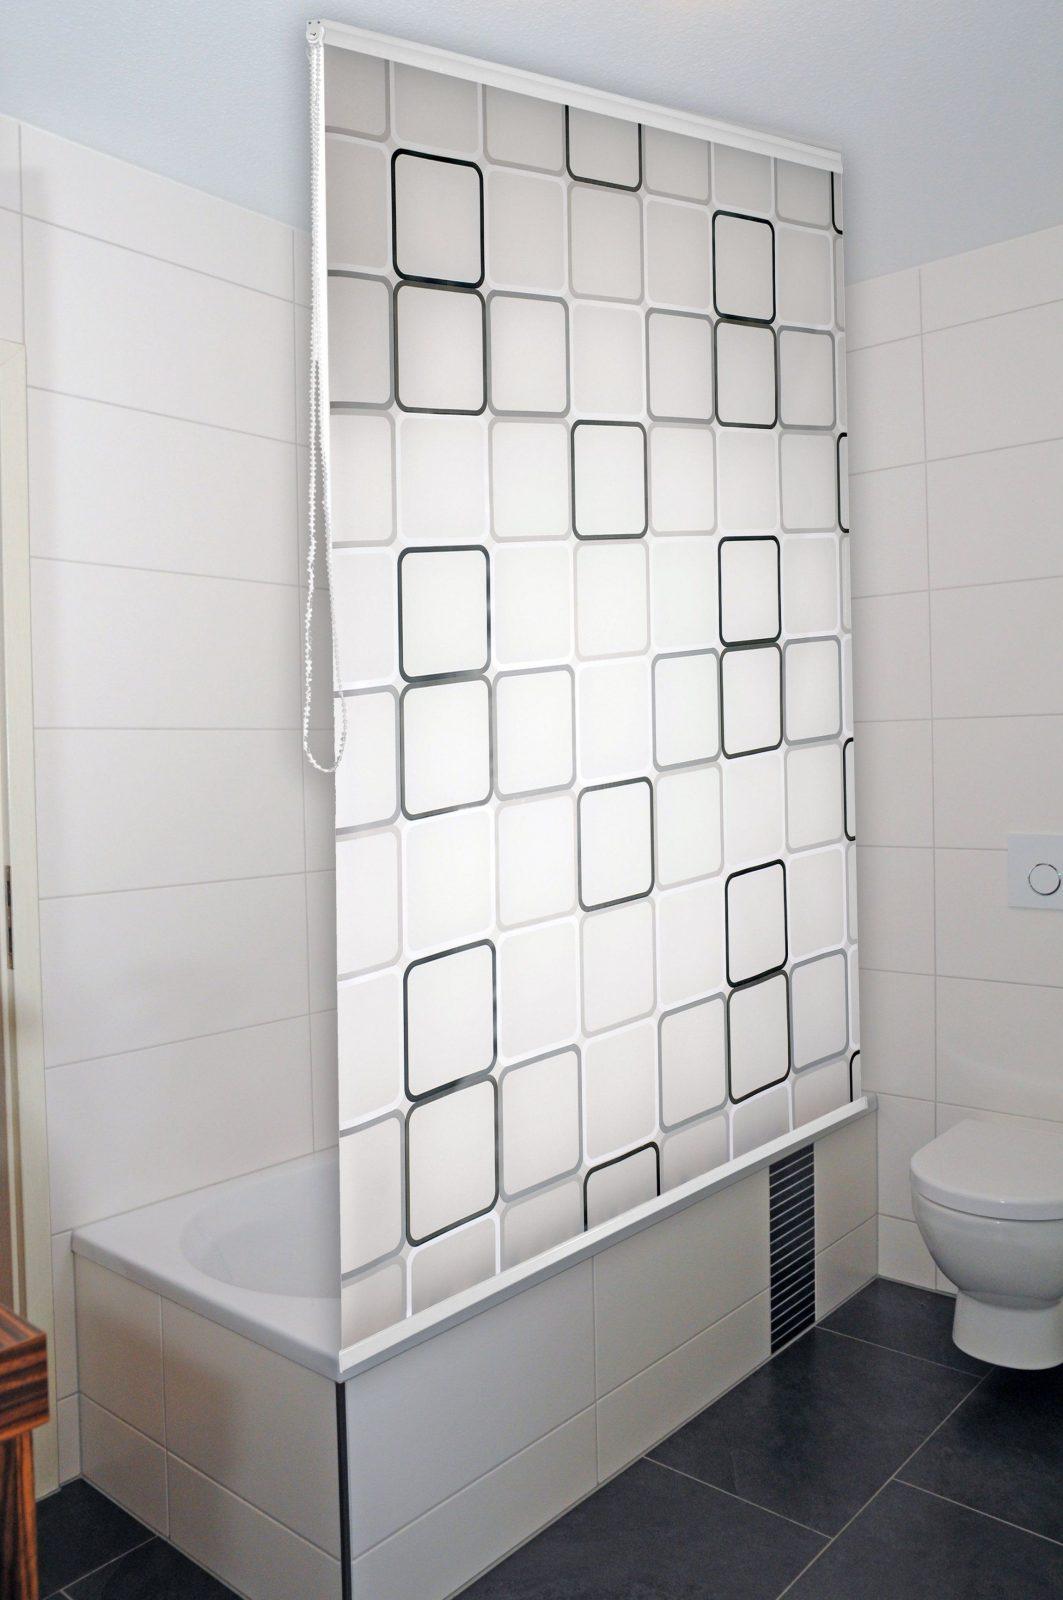 Duschvorhang Badewanne Cool Galerie Bezieht Sich Auf Duschvorhang von Duschvorhang Halterung Für Badewanne Photo